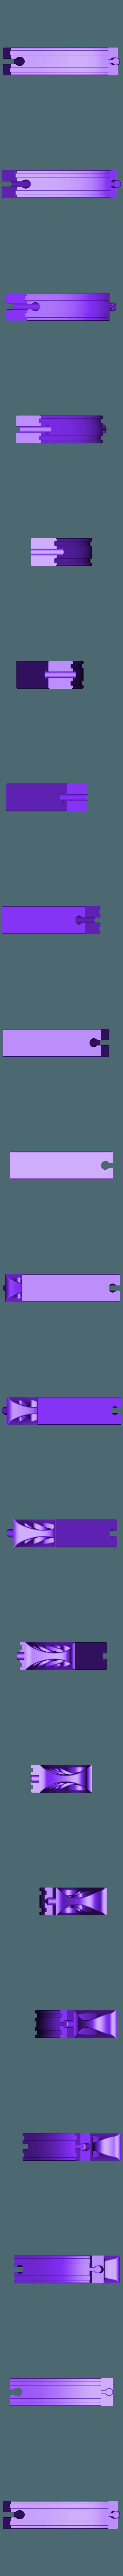 Upslope End Track.stl Download free STL file Toy Train Tracks • 3D printer design, FerryTeacher